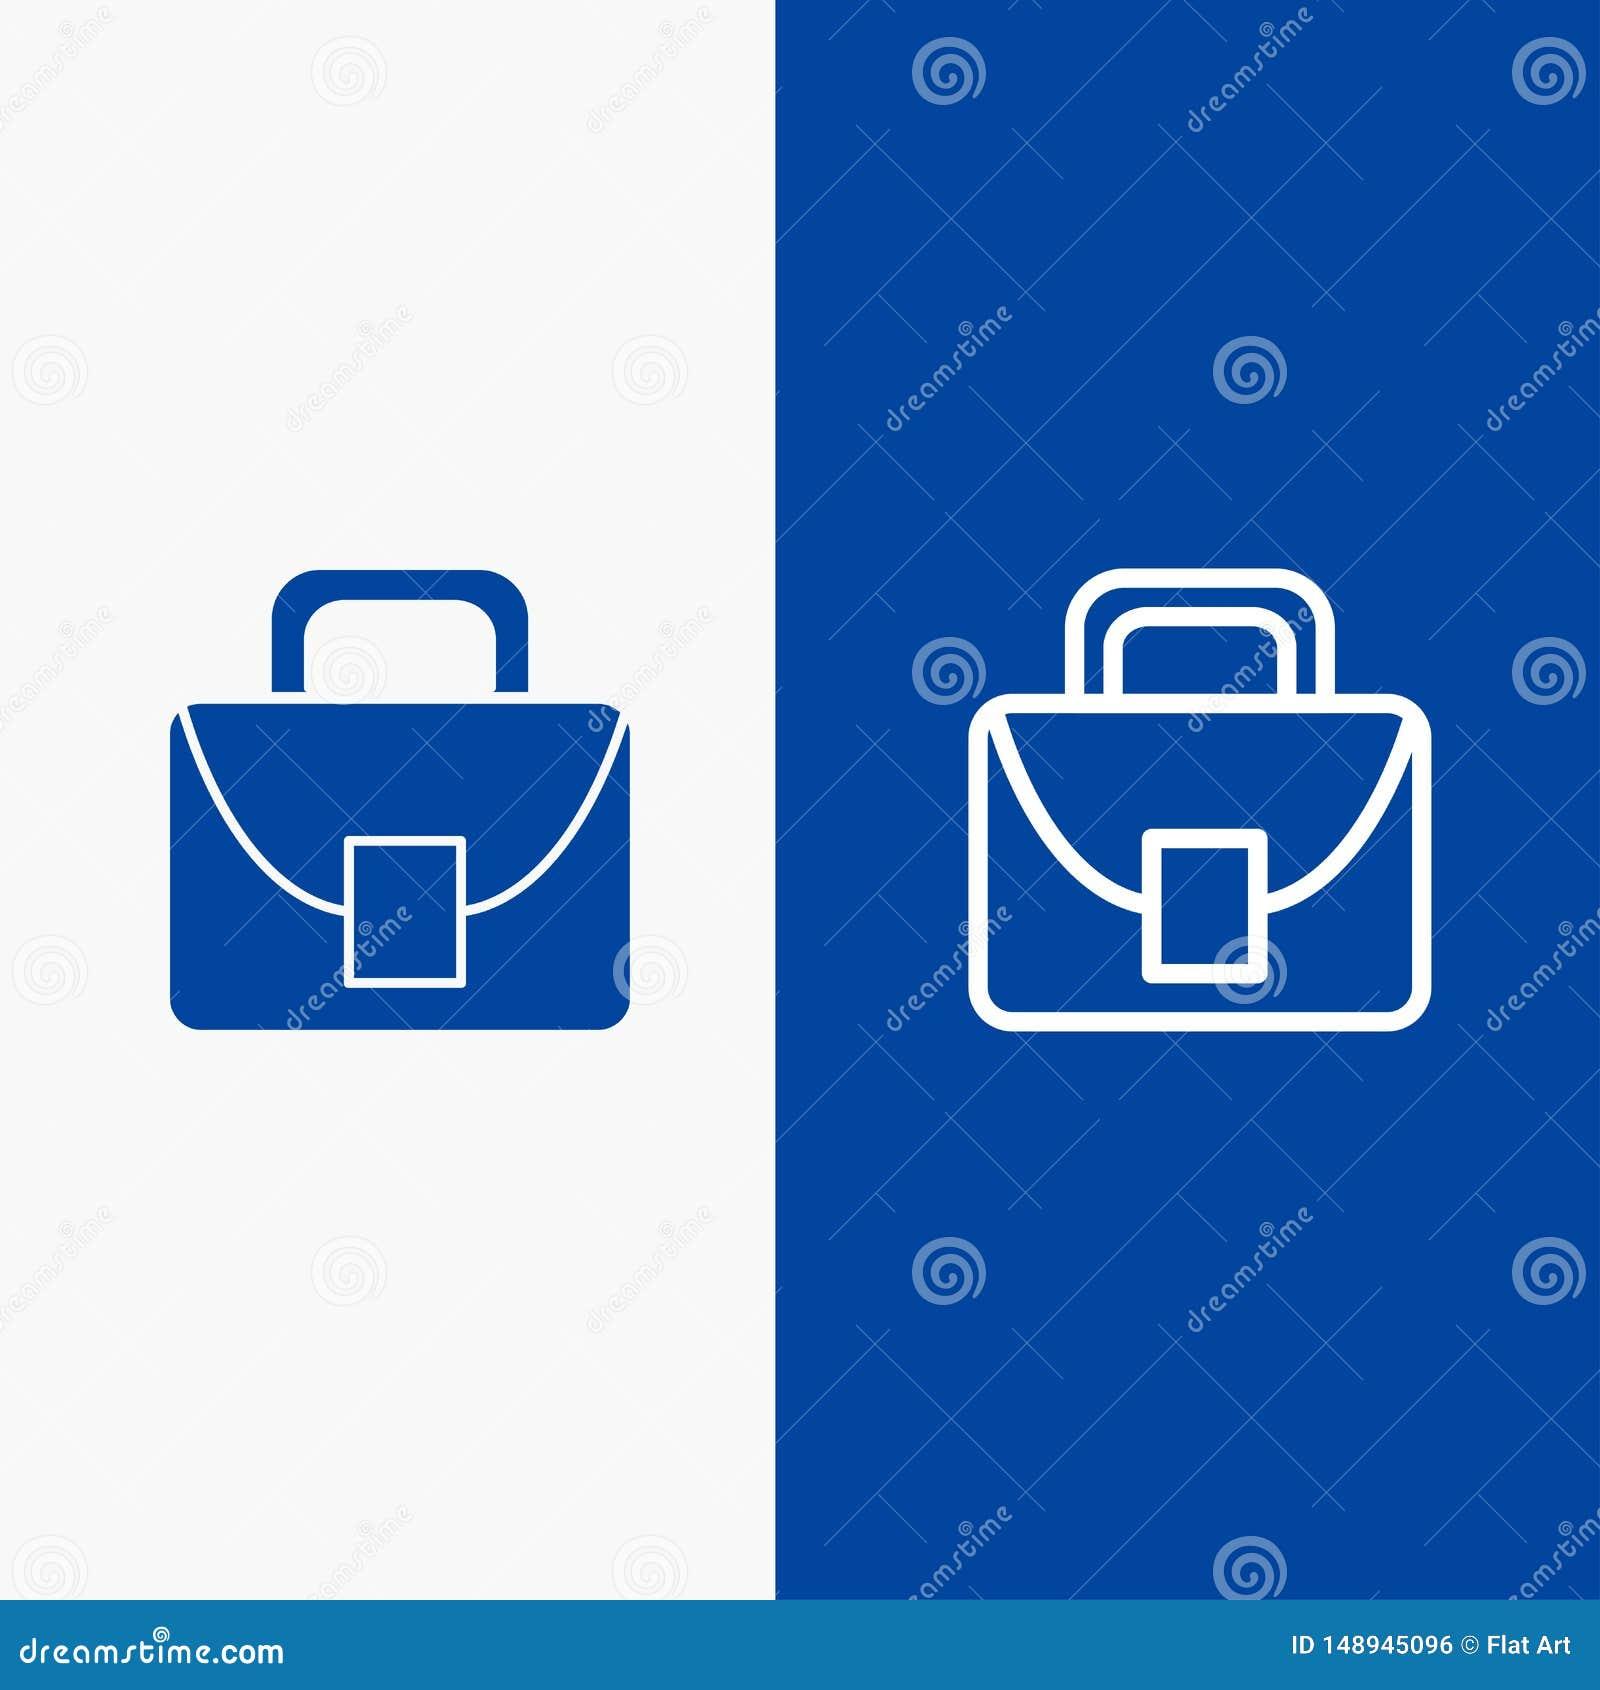 Baner för blå för baner påse-, för för arbetare, logistisk global för linje och för skåra fast symbol blått symbol för linje och